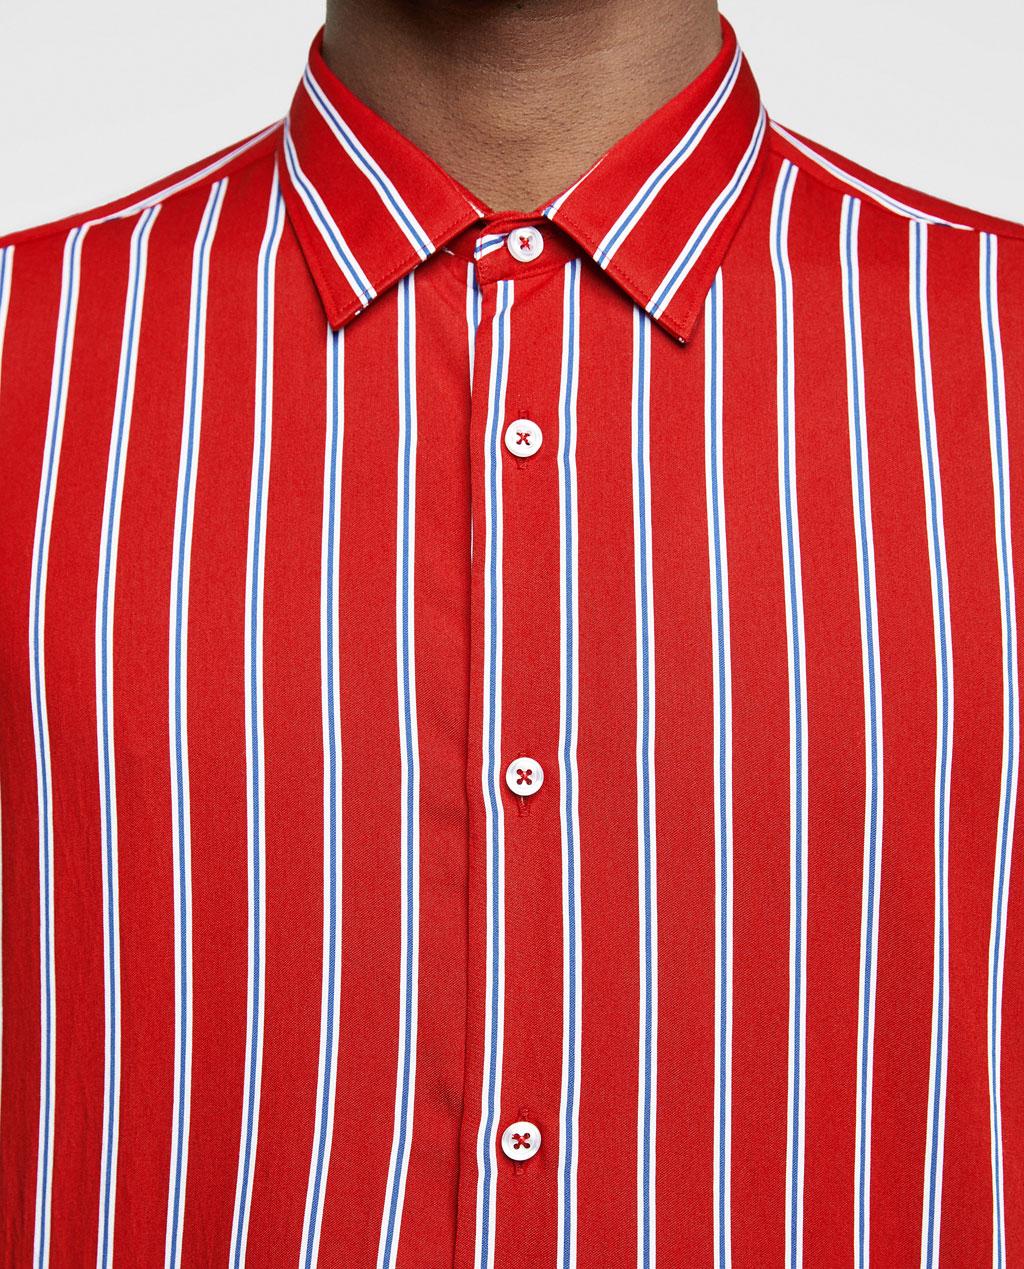 Thời trang nam Zara  23931 - ảnh 7